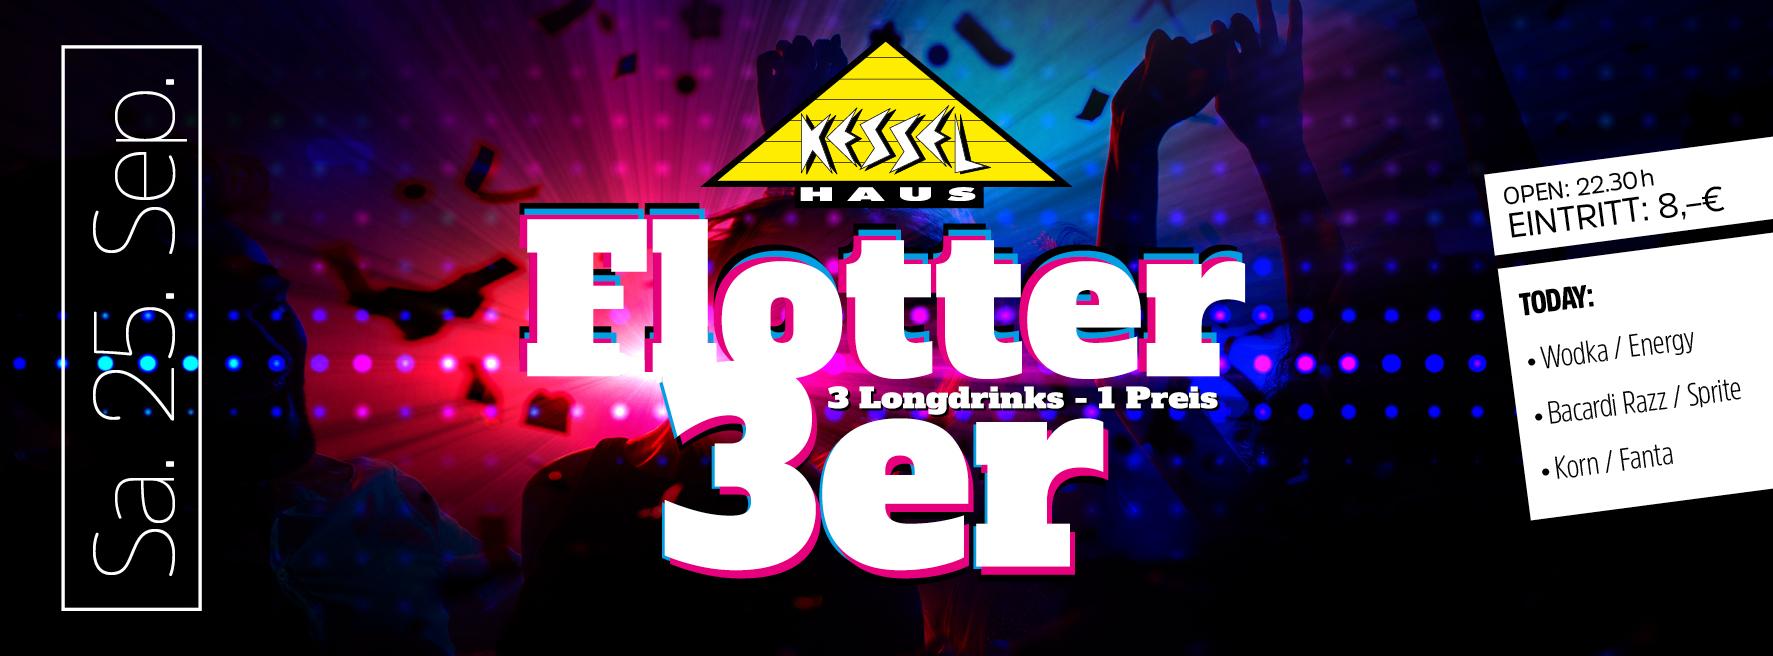 KH_Flotter3er_FB_Sep21